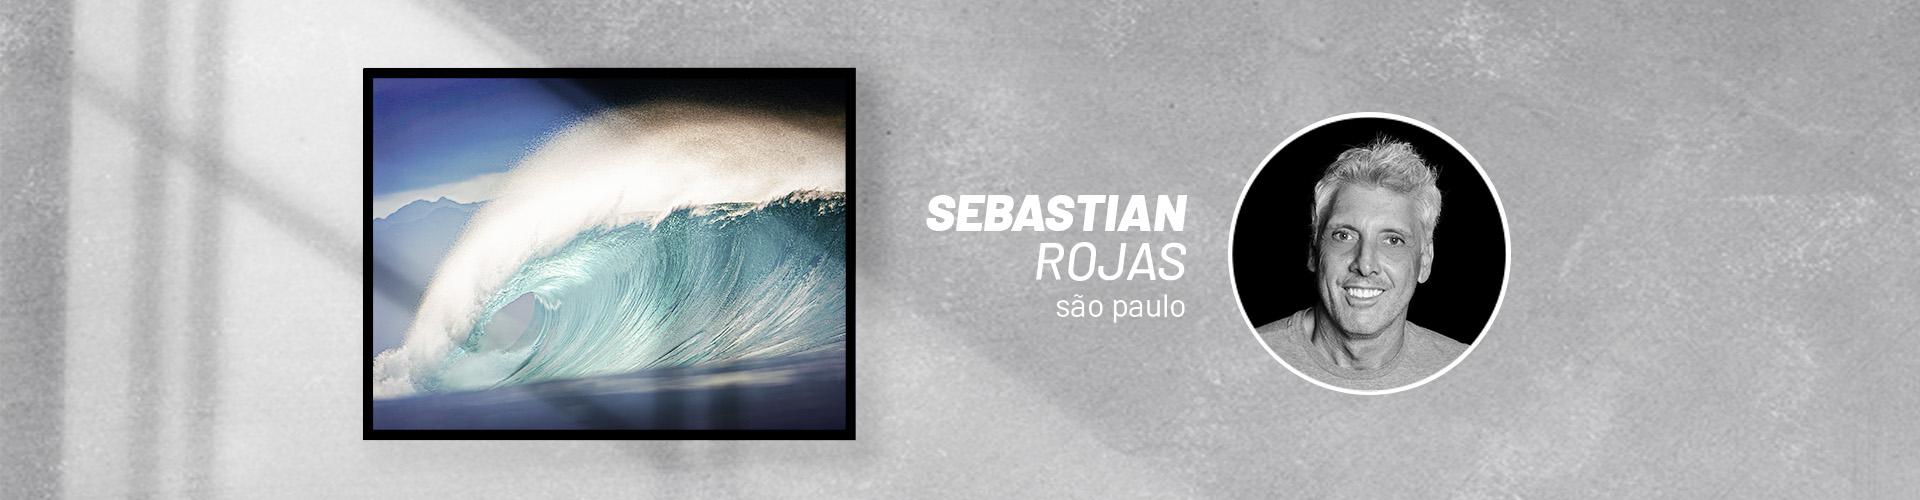 Página Artista | Sebastian Rojas